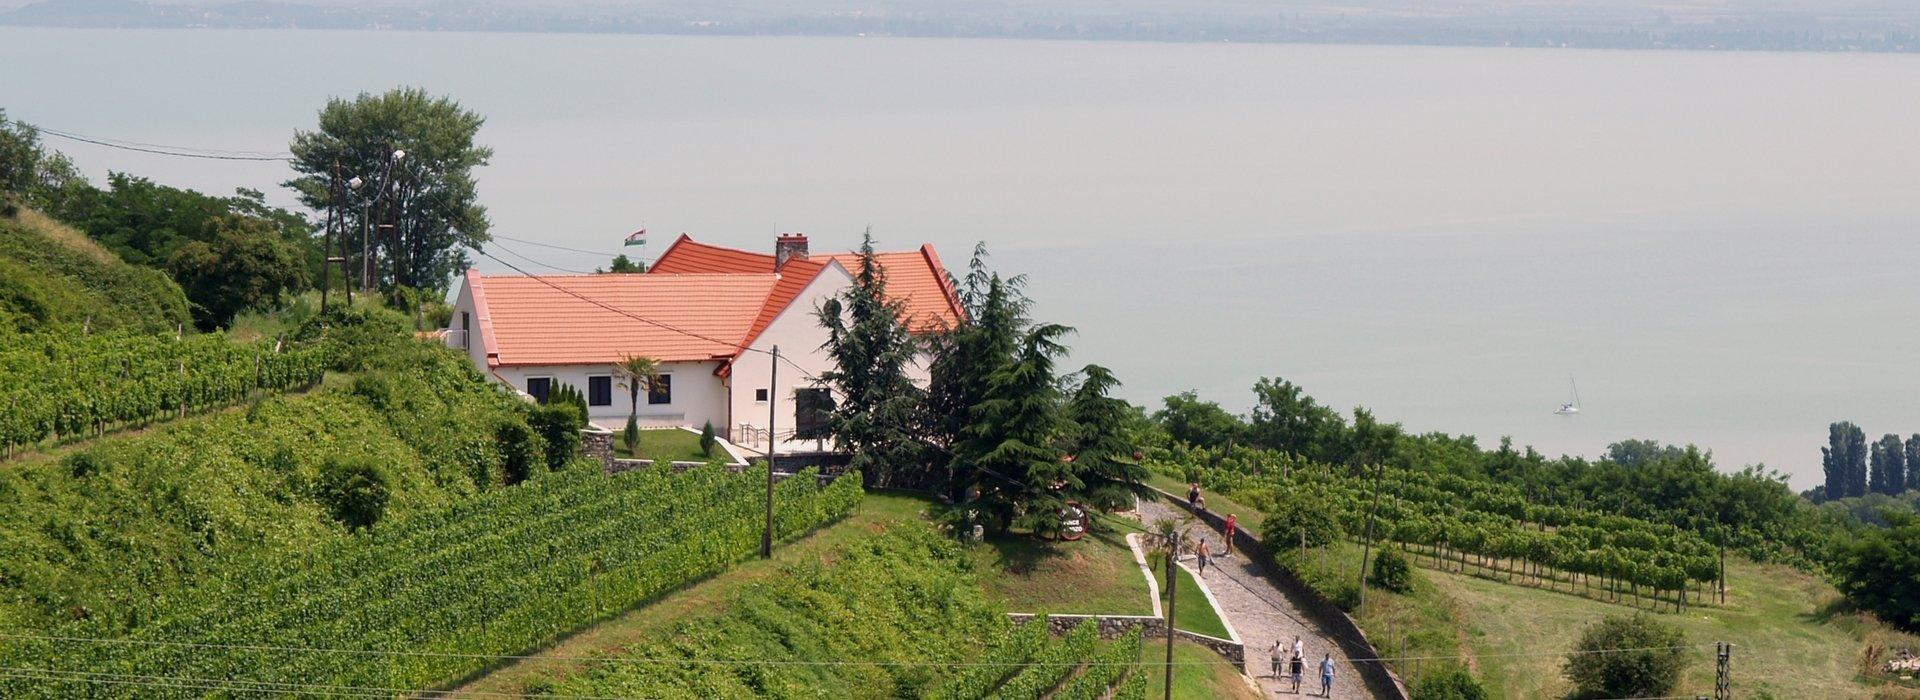 Budapest.com